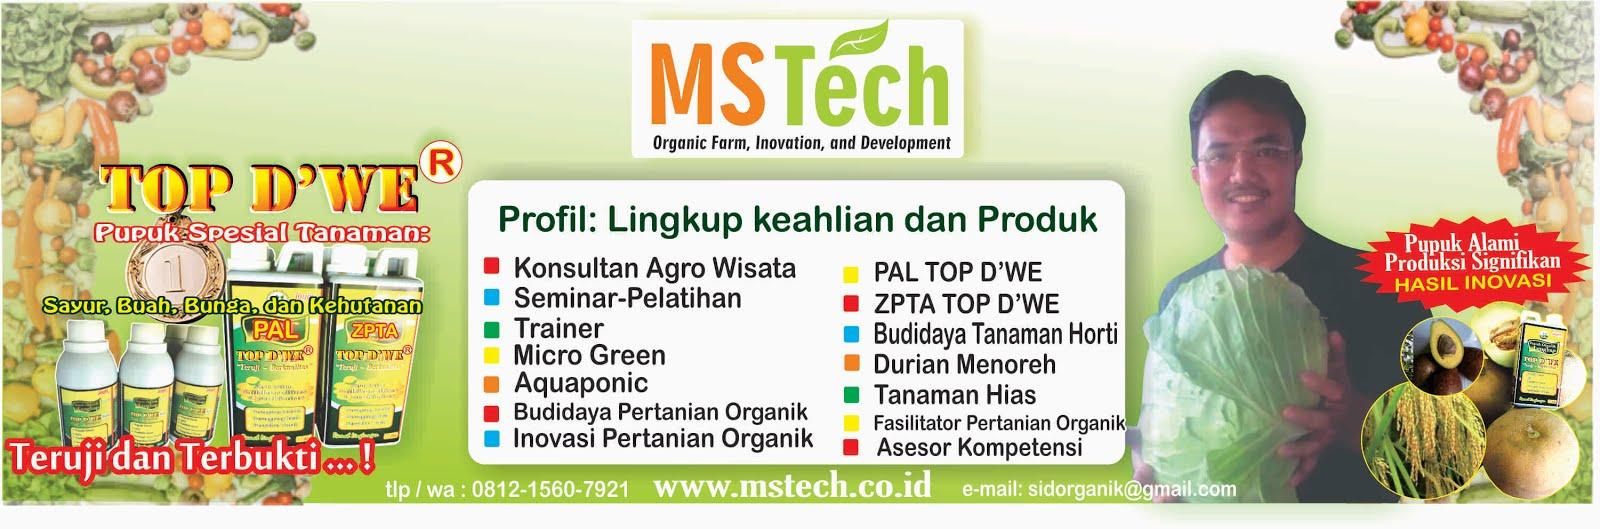 MSTECH Pusat Budidaya Dan Produksi Bibit/Benih Durian Menoreh Pertama